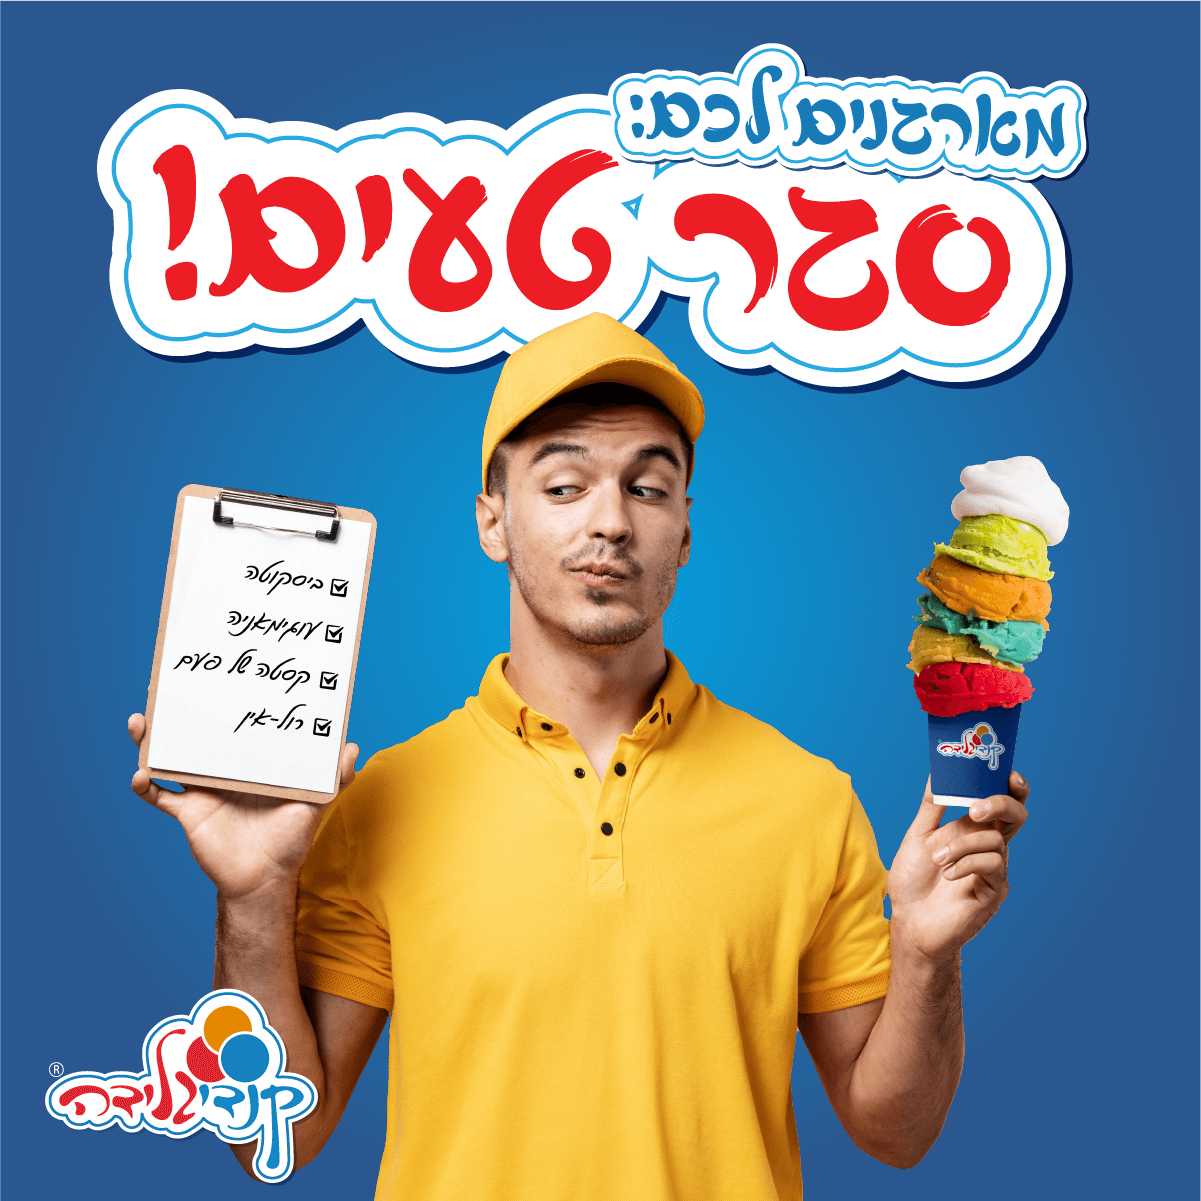 פרסום דיגיטלי - פרסום בפייסבוק - קנדי גלידה